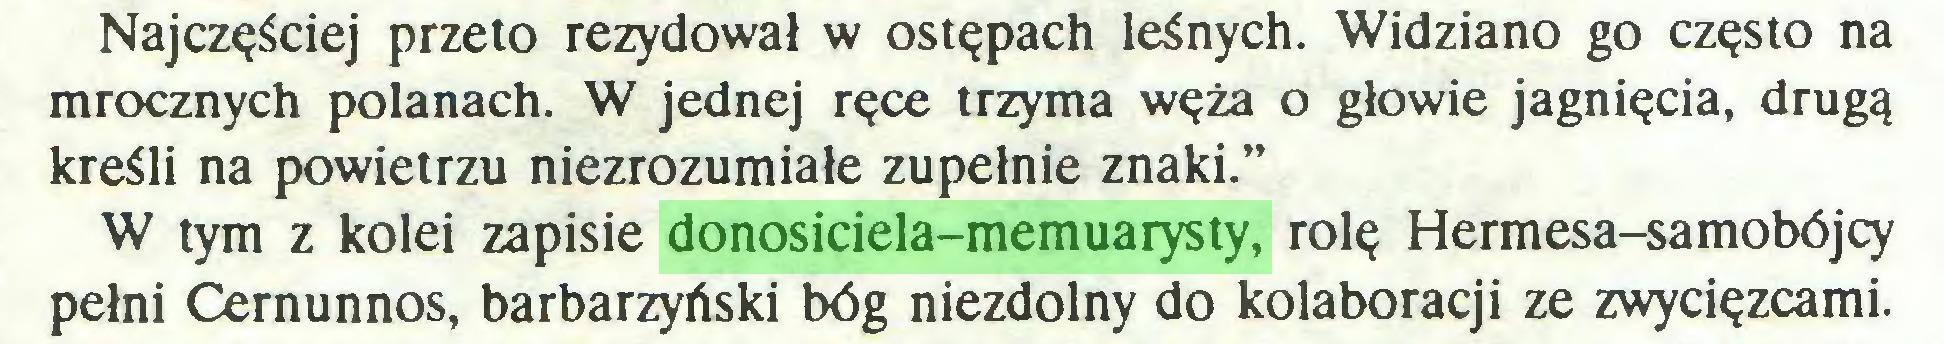 """(...) Najczęściej przeto rezydował w ostępach leśnych. Widziano go często na mrocznych polanach. W jednej ręce trzyma węża o głowie jagnięcia, drugą kreśli na powietrzu niezrozumiałe zupełnie znaki."""" W tym z kolei zapisie donosiciela-memuarysty, rolę Hermesa-samobójcy pełni Cernunnos, barbarzyński bóg niezdolny do kolaboracji ze zwycięzcami..."""